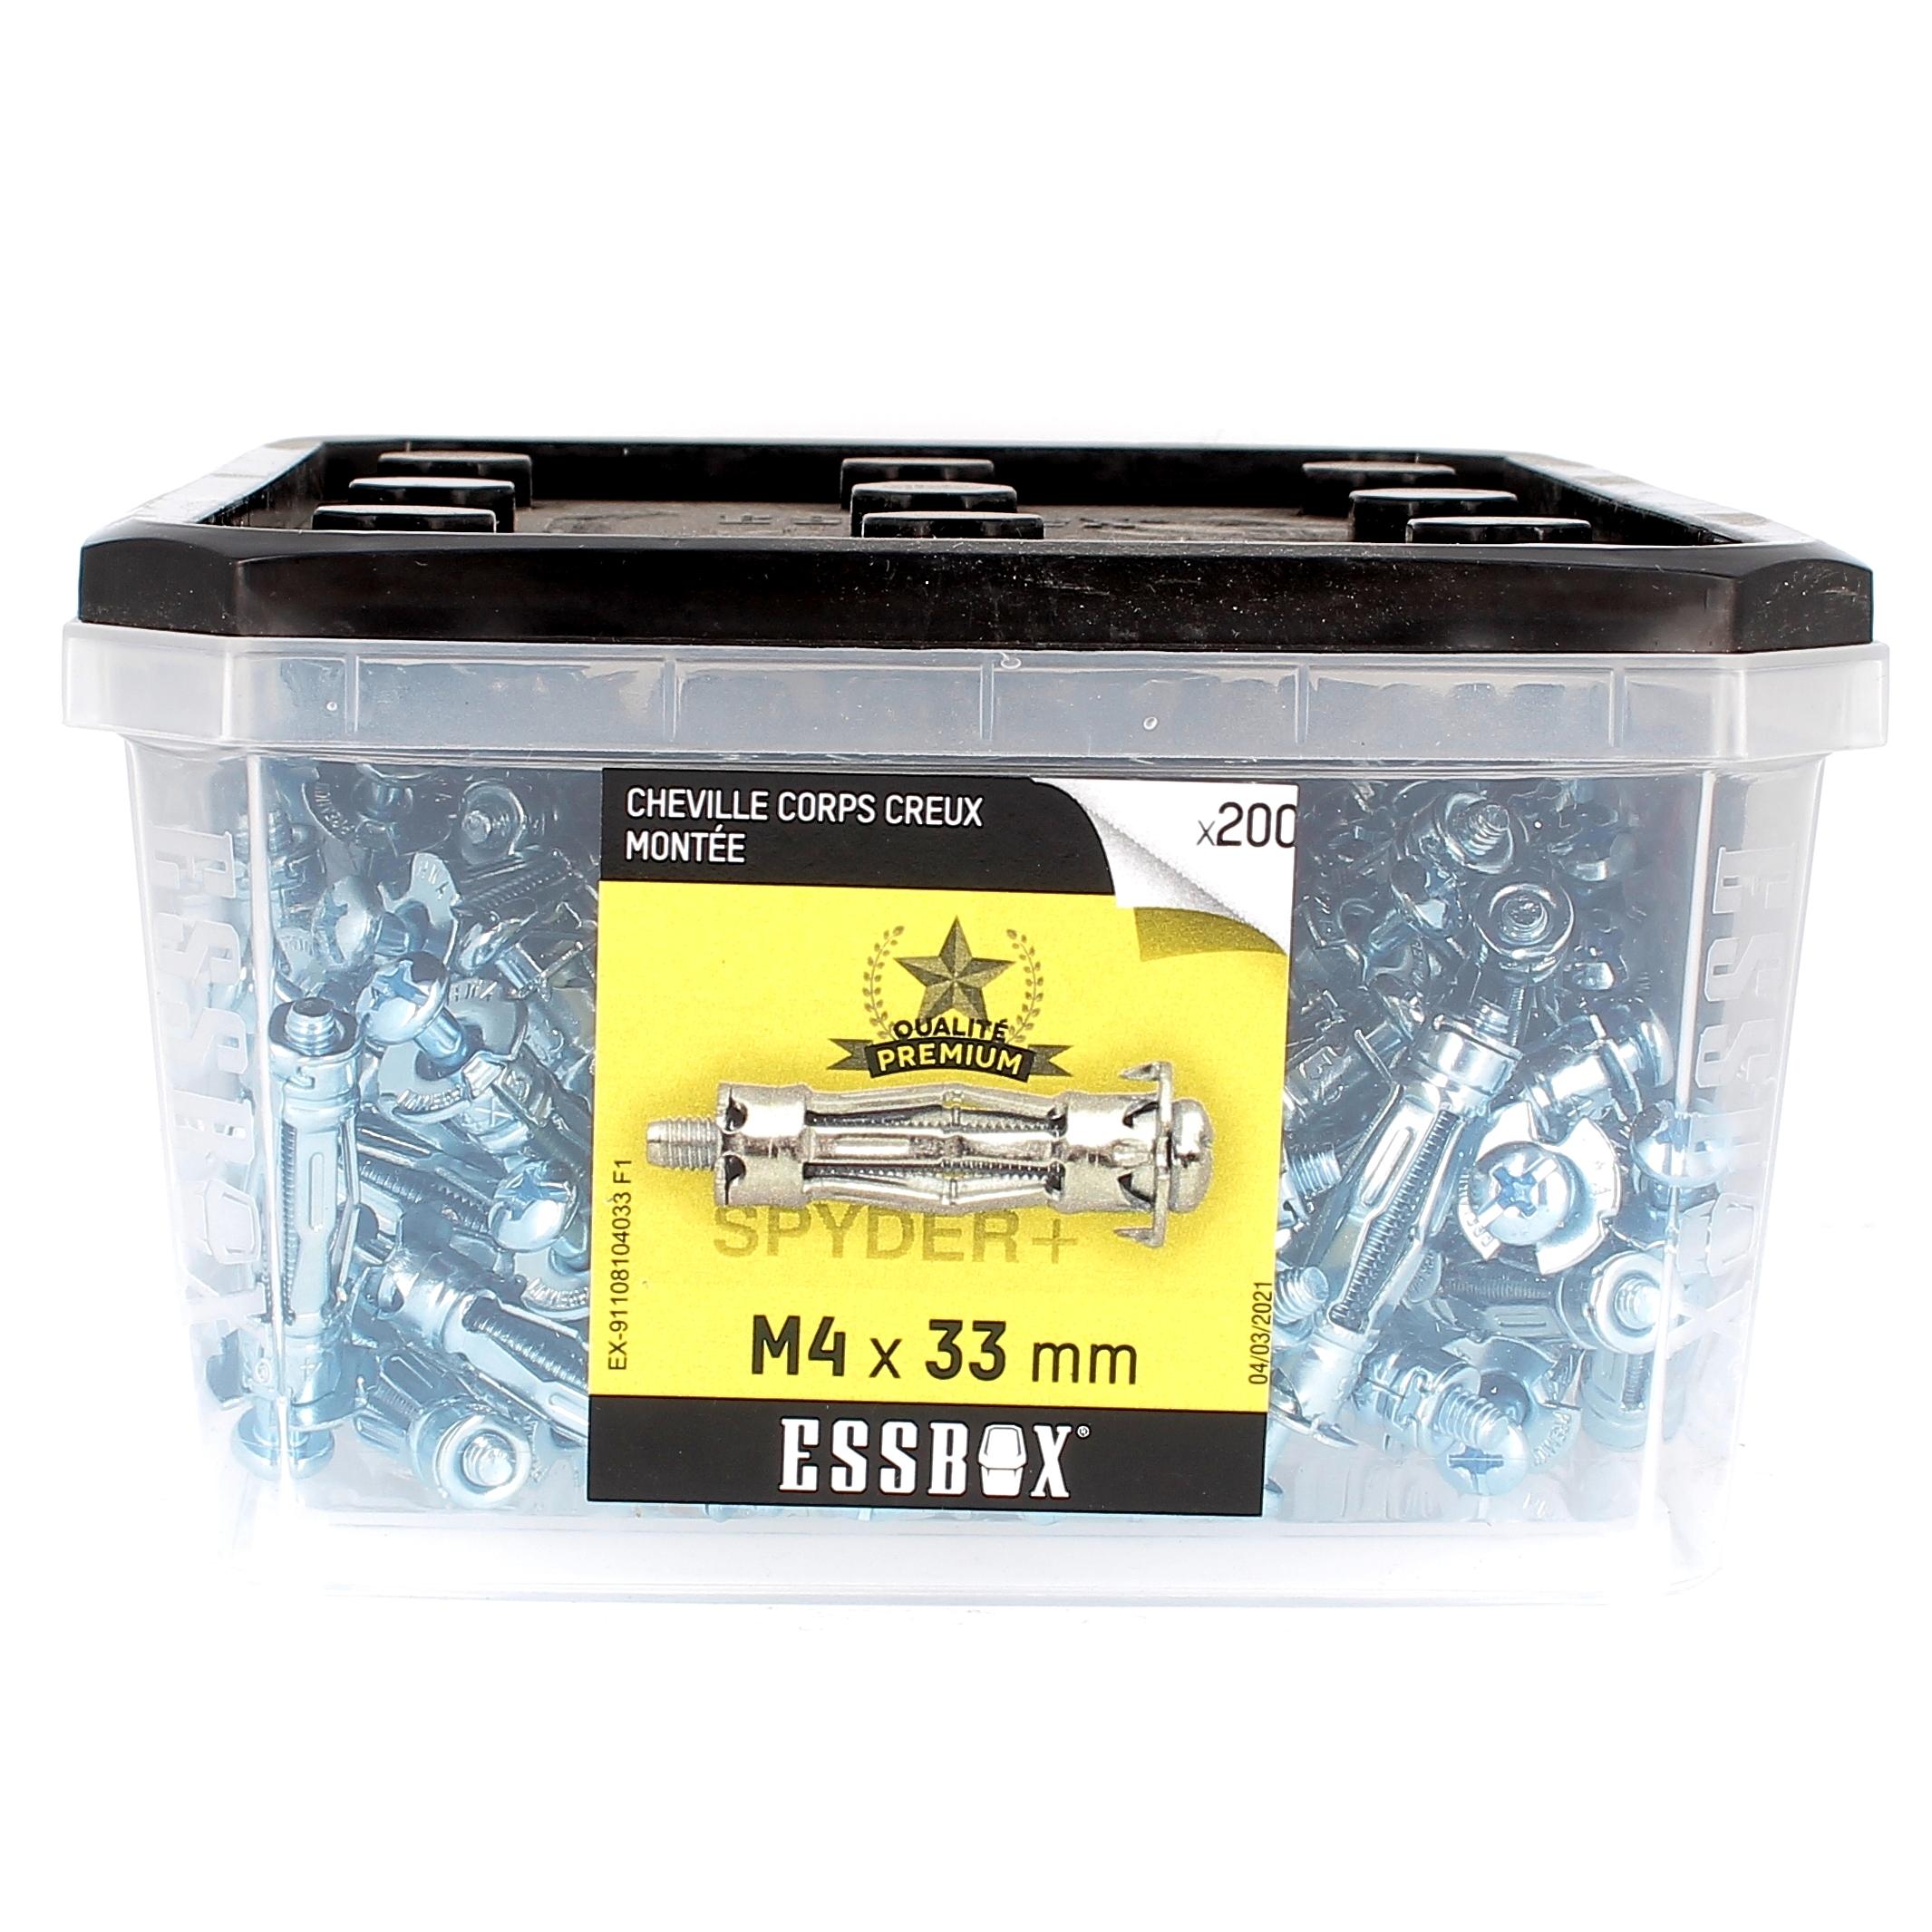 ESSBOX de 200 Chevilles Métalliques à Expansion Qualité Premium 4X33 avec Vis